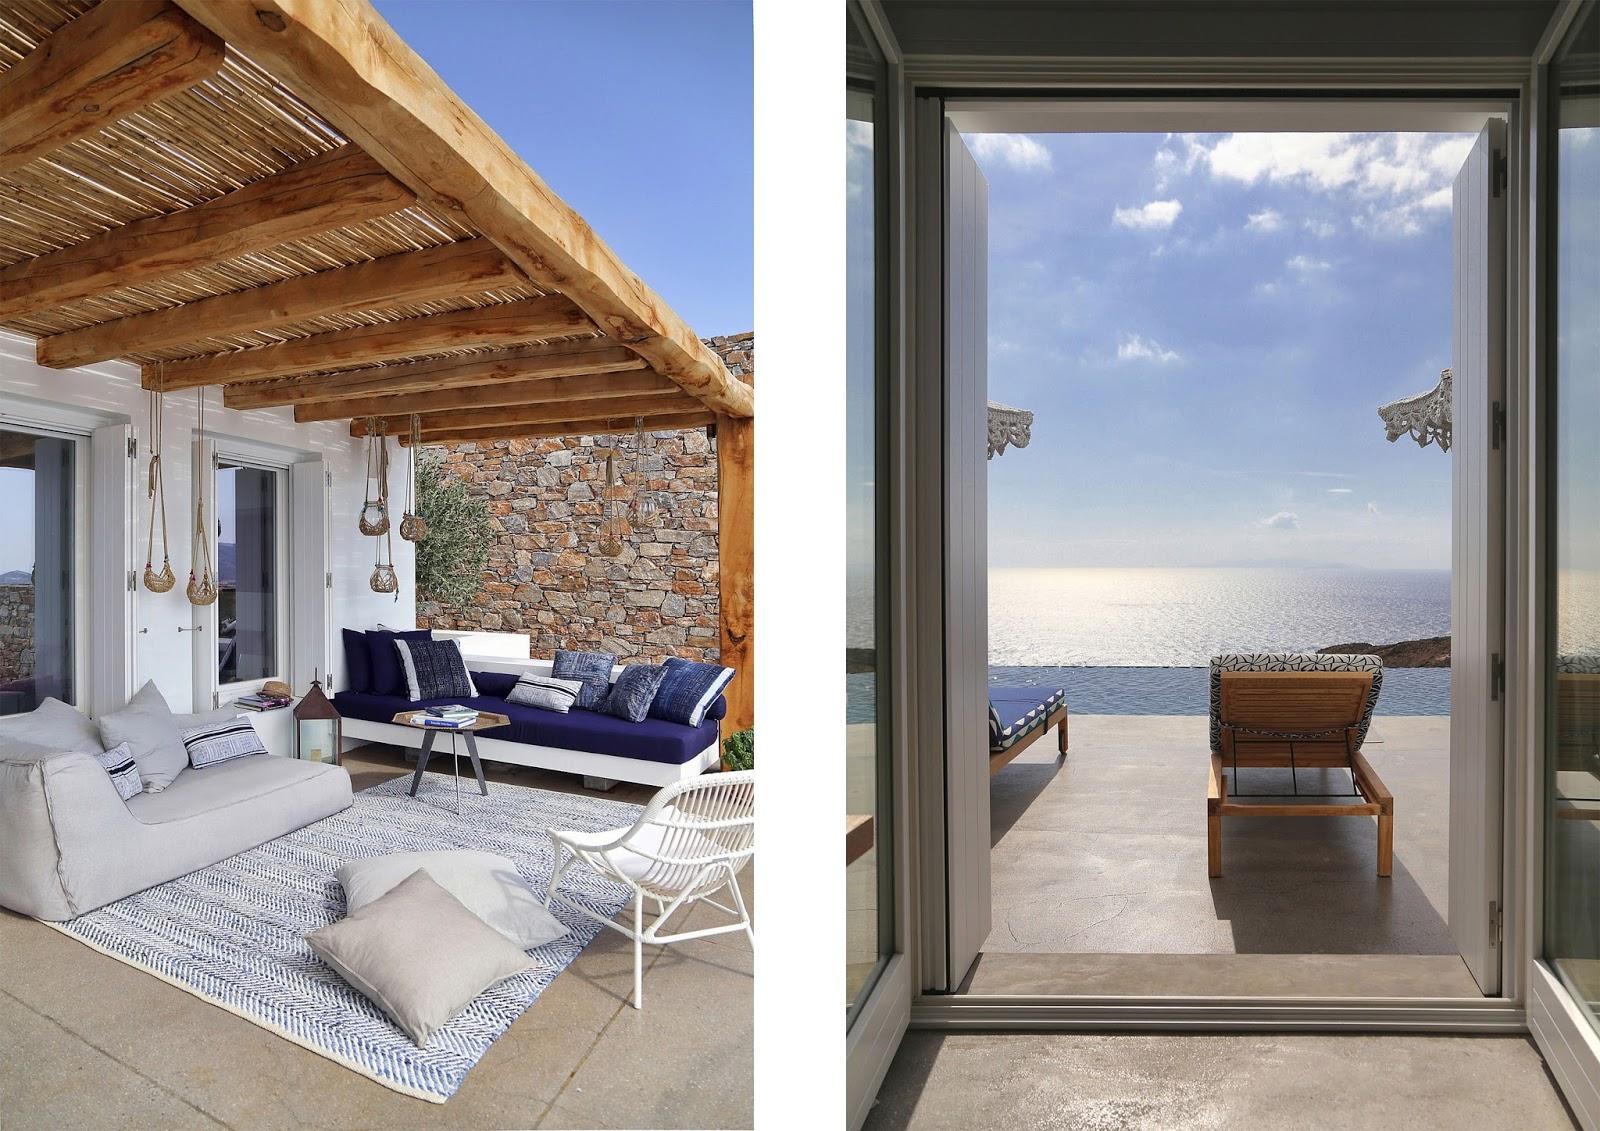 Casa estiva sull 39 isola di syros con piscina a sfioro vista - Case bellissime con piscina ...